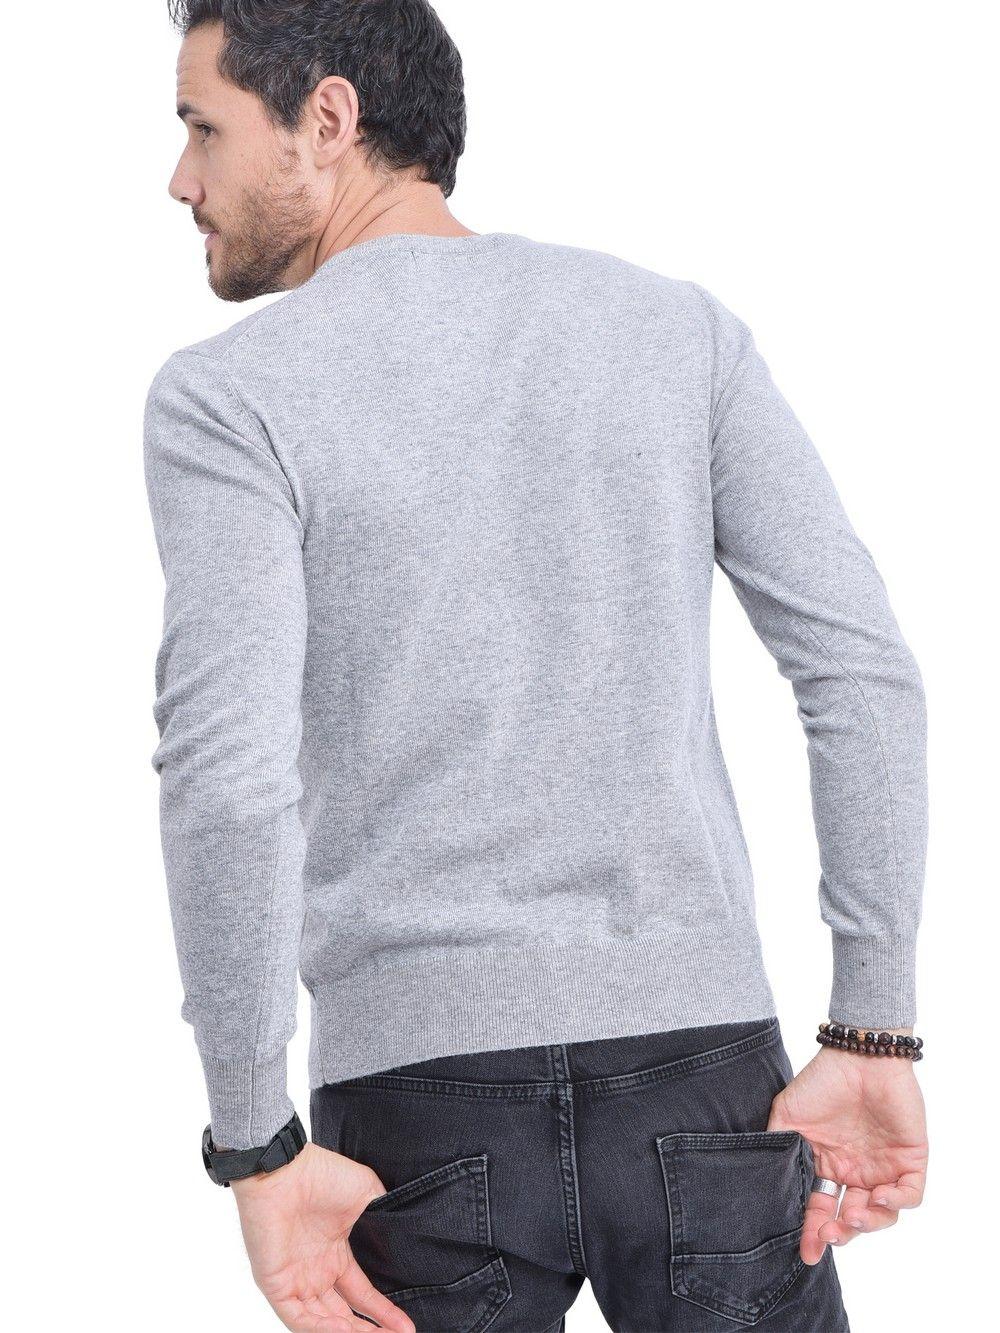 C&JO V-neck Sweater in Light Grey